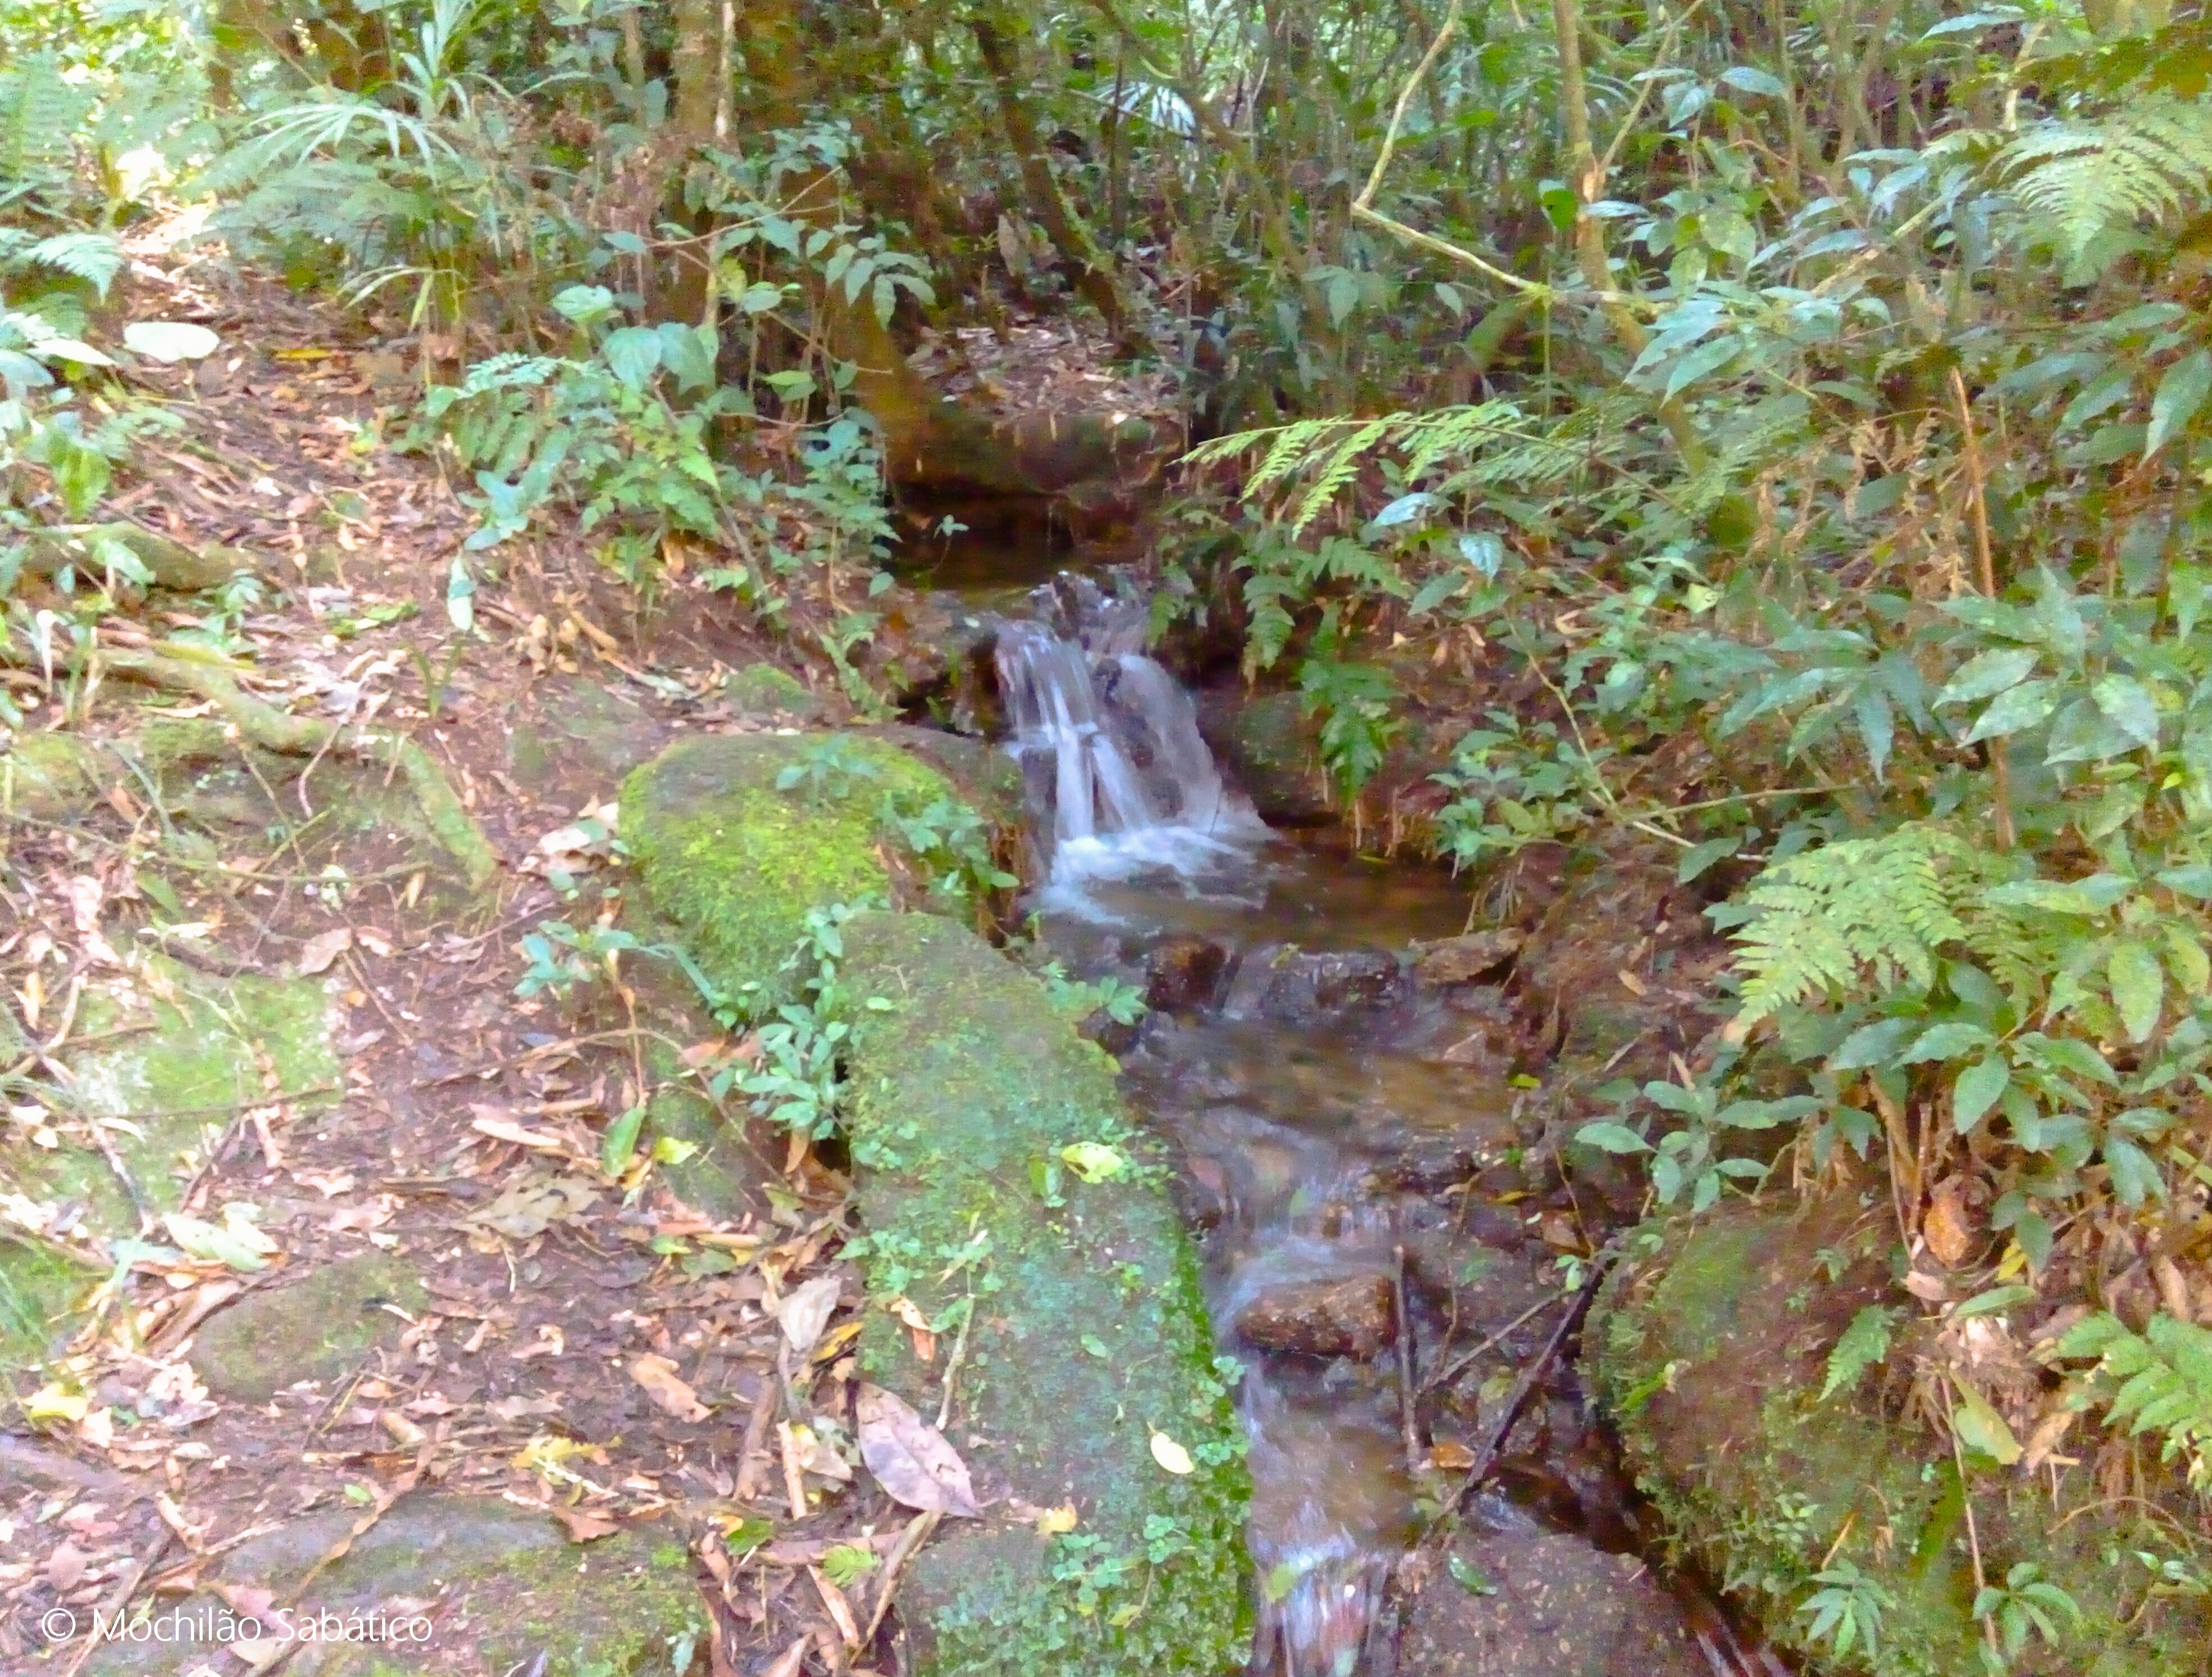 Primeira água da trilha do Jorge, rumo ao Pico da Onça (São Francisco Xavier, SP)